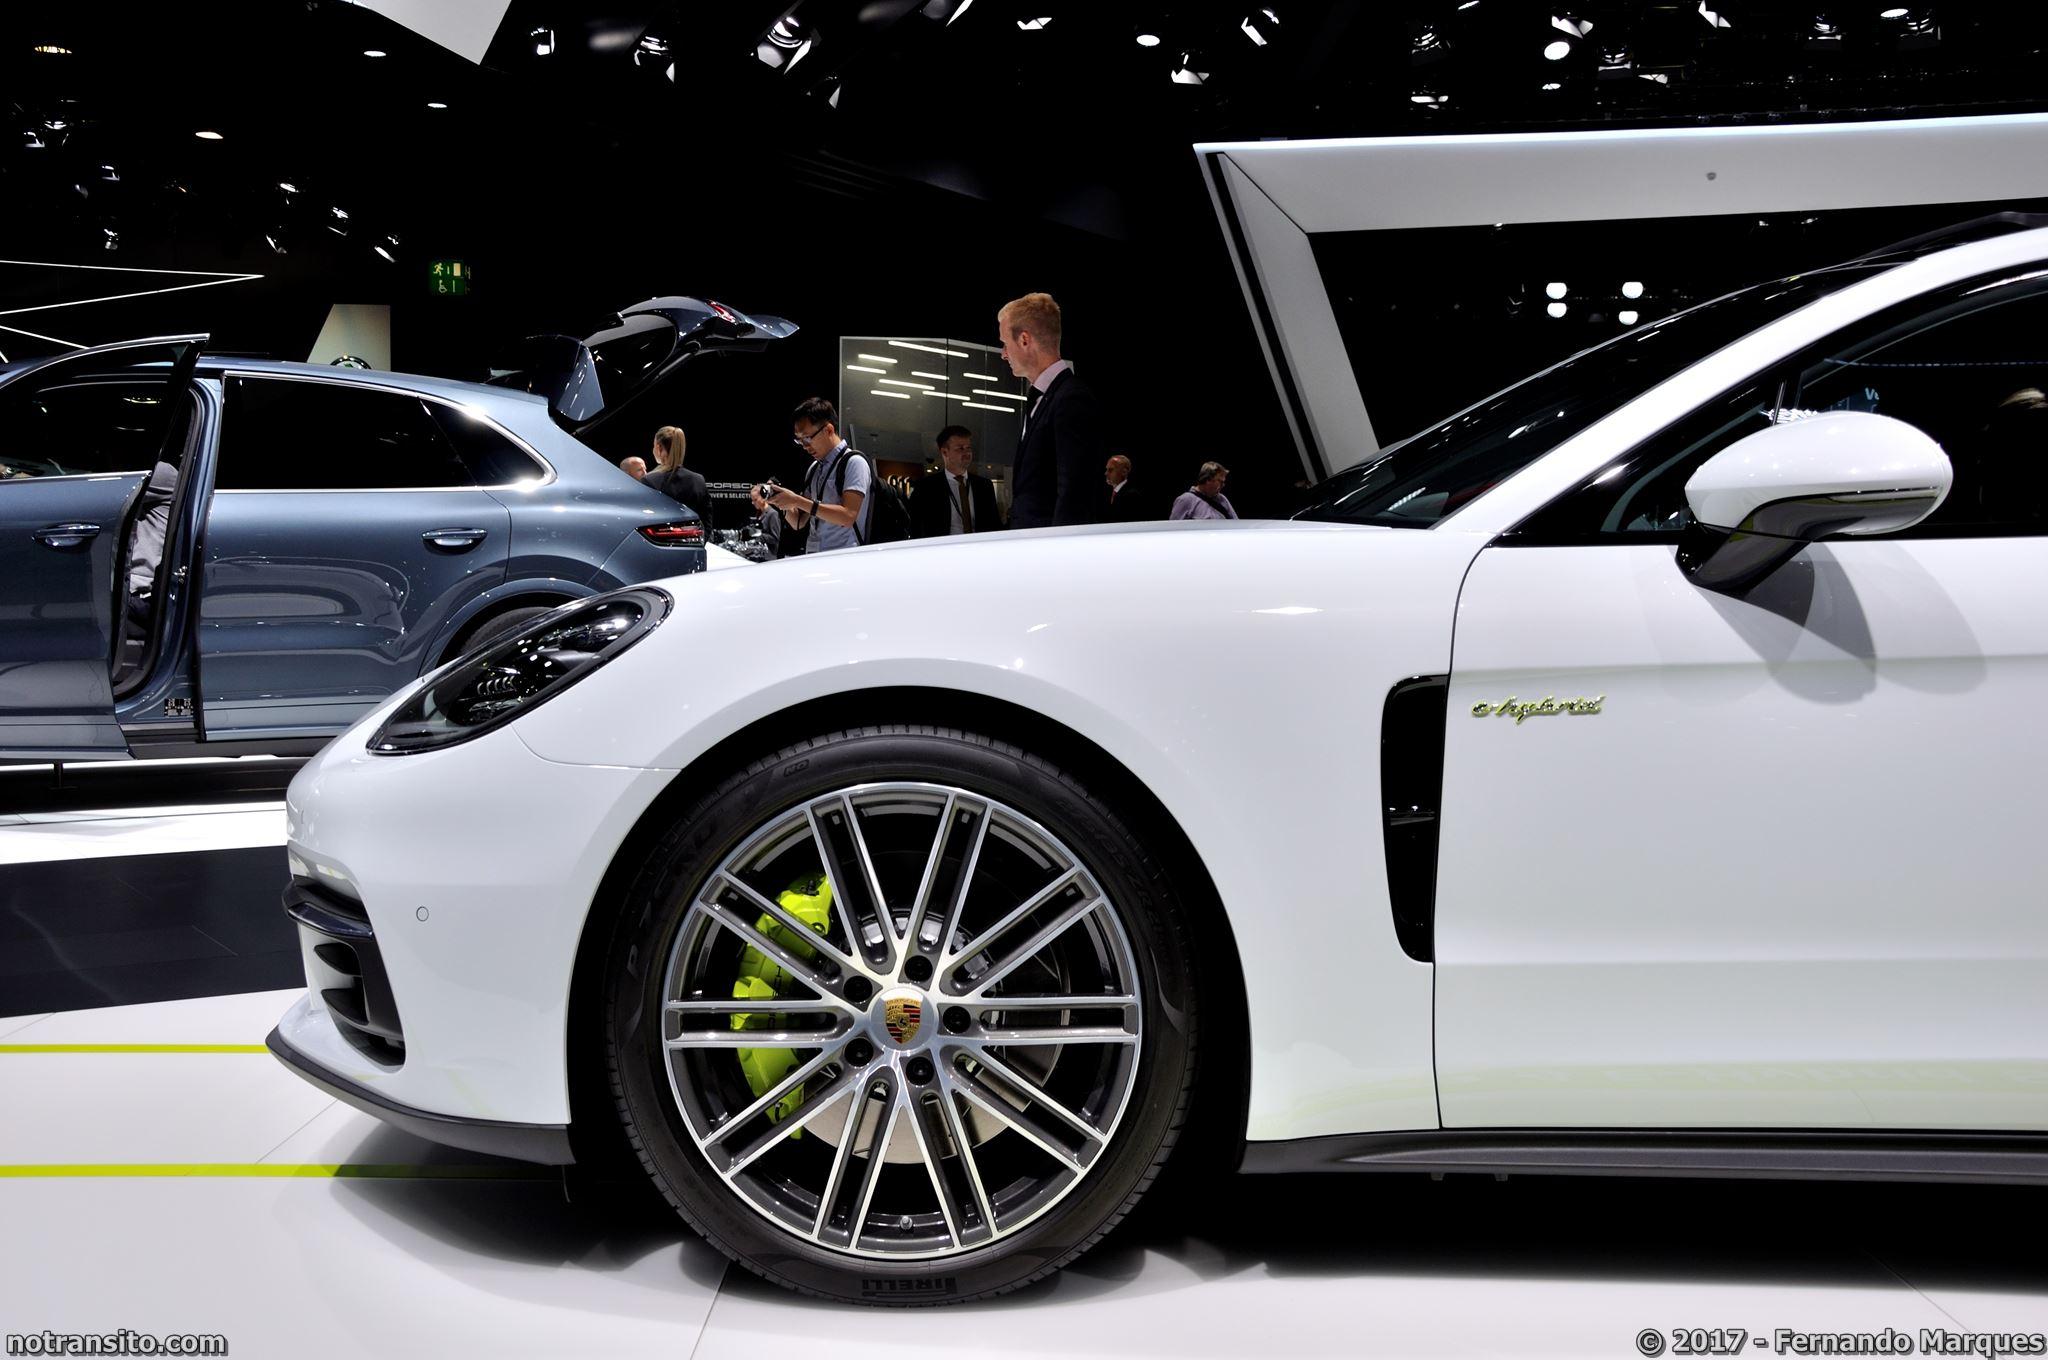 Estande-Porsche-Frankfurt-2017-005